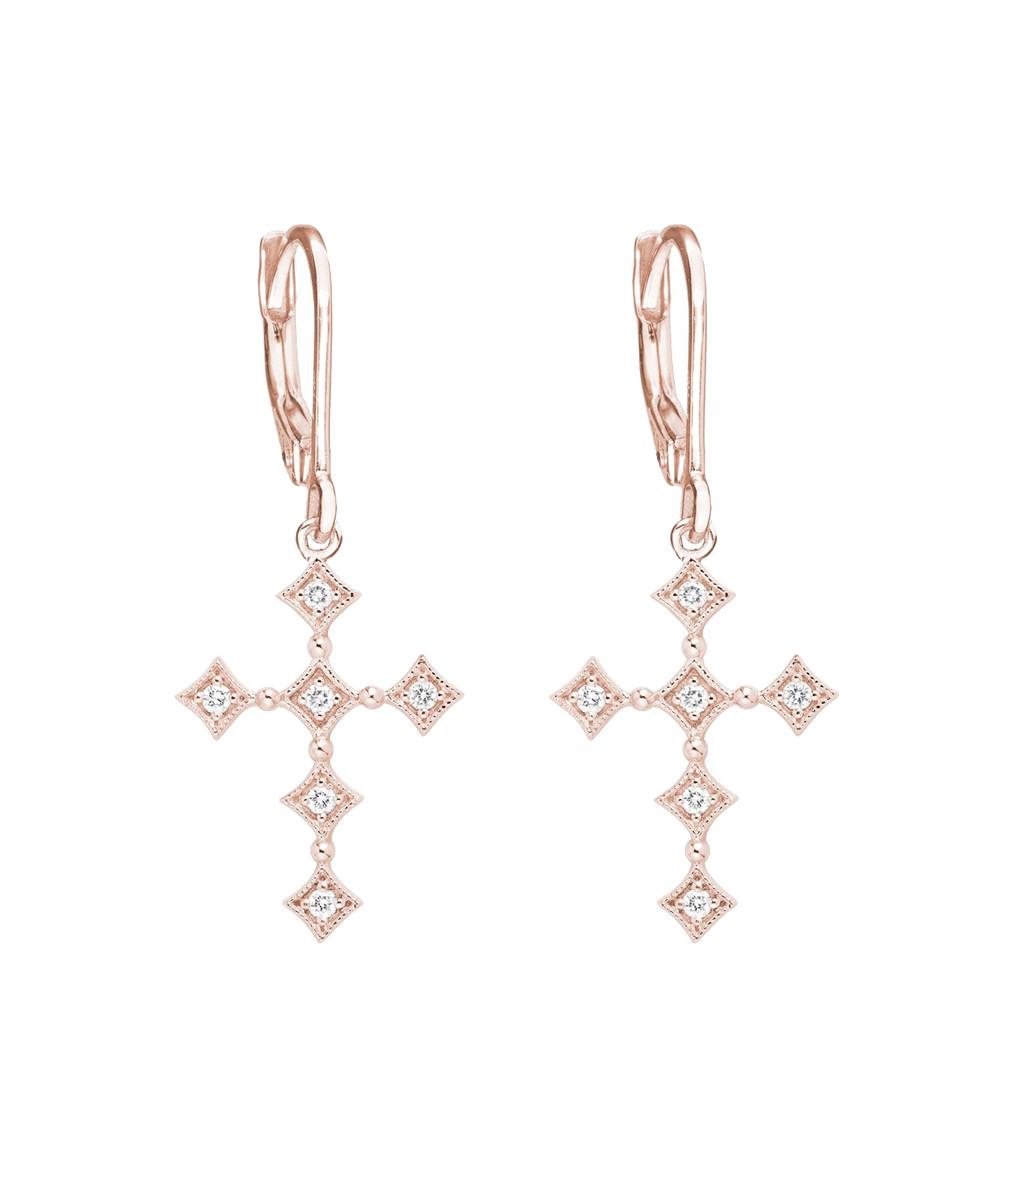 Boucles d'oreilles Dormeuses Divine Diamants - STONE